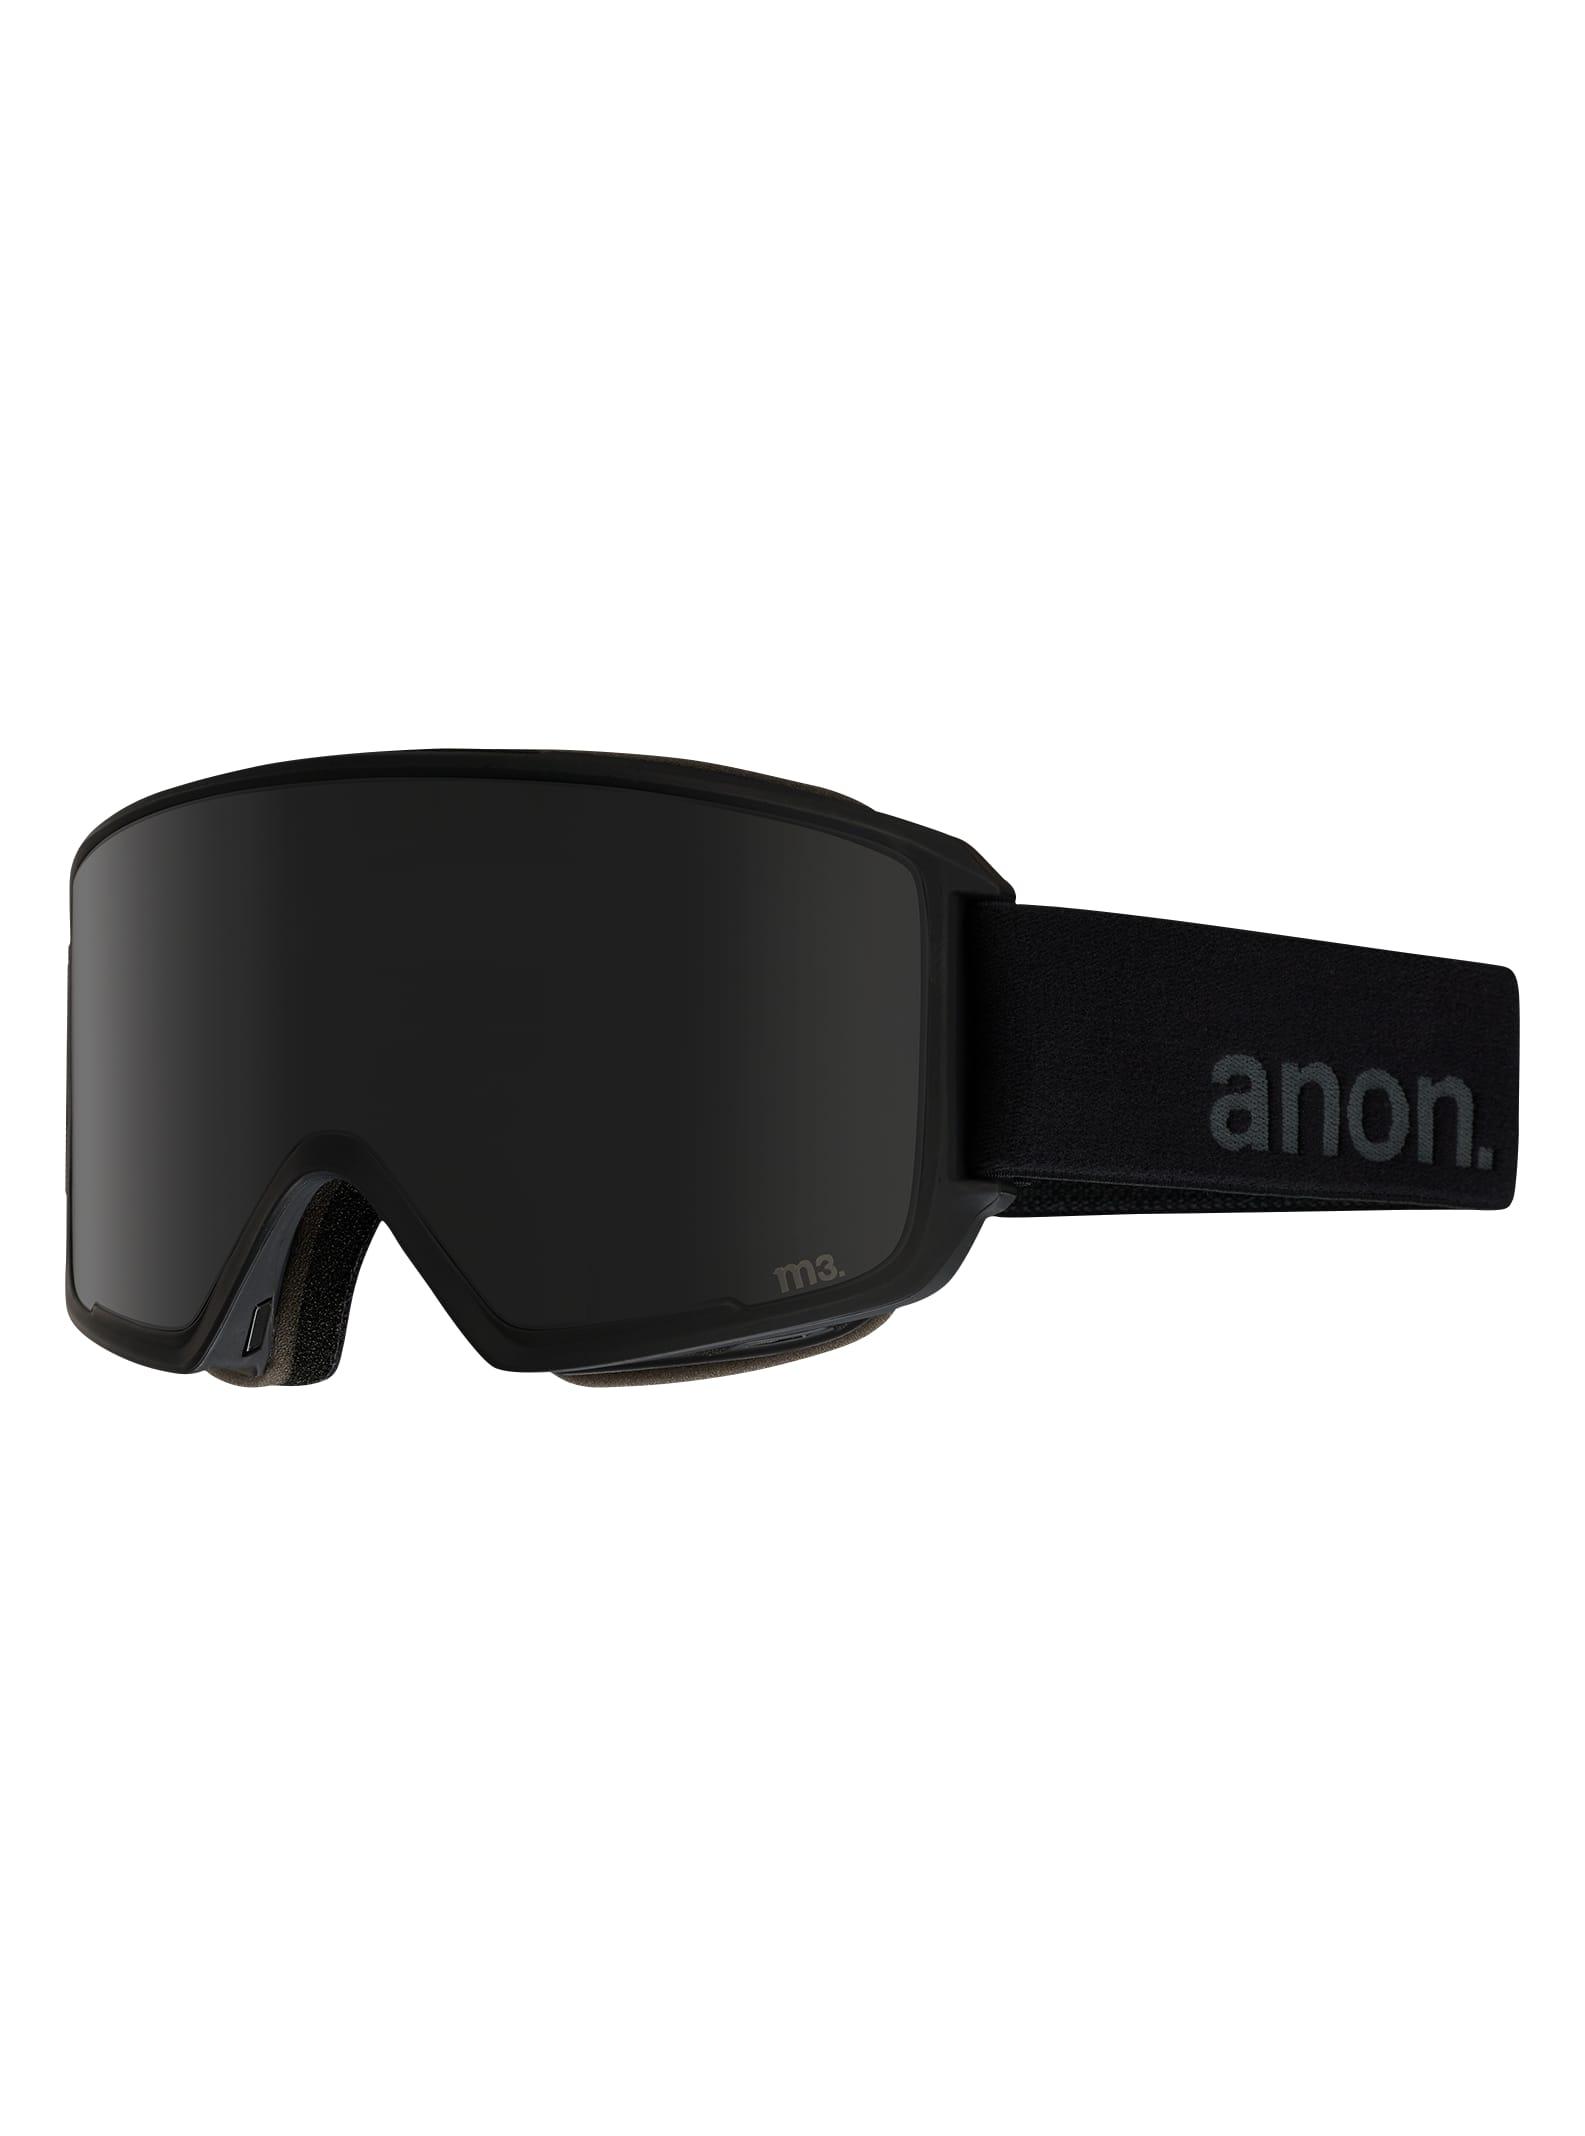 06a6c8c9e8cf Men s Anon M3 Goggle